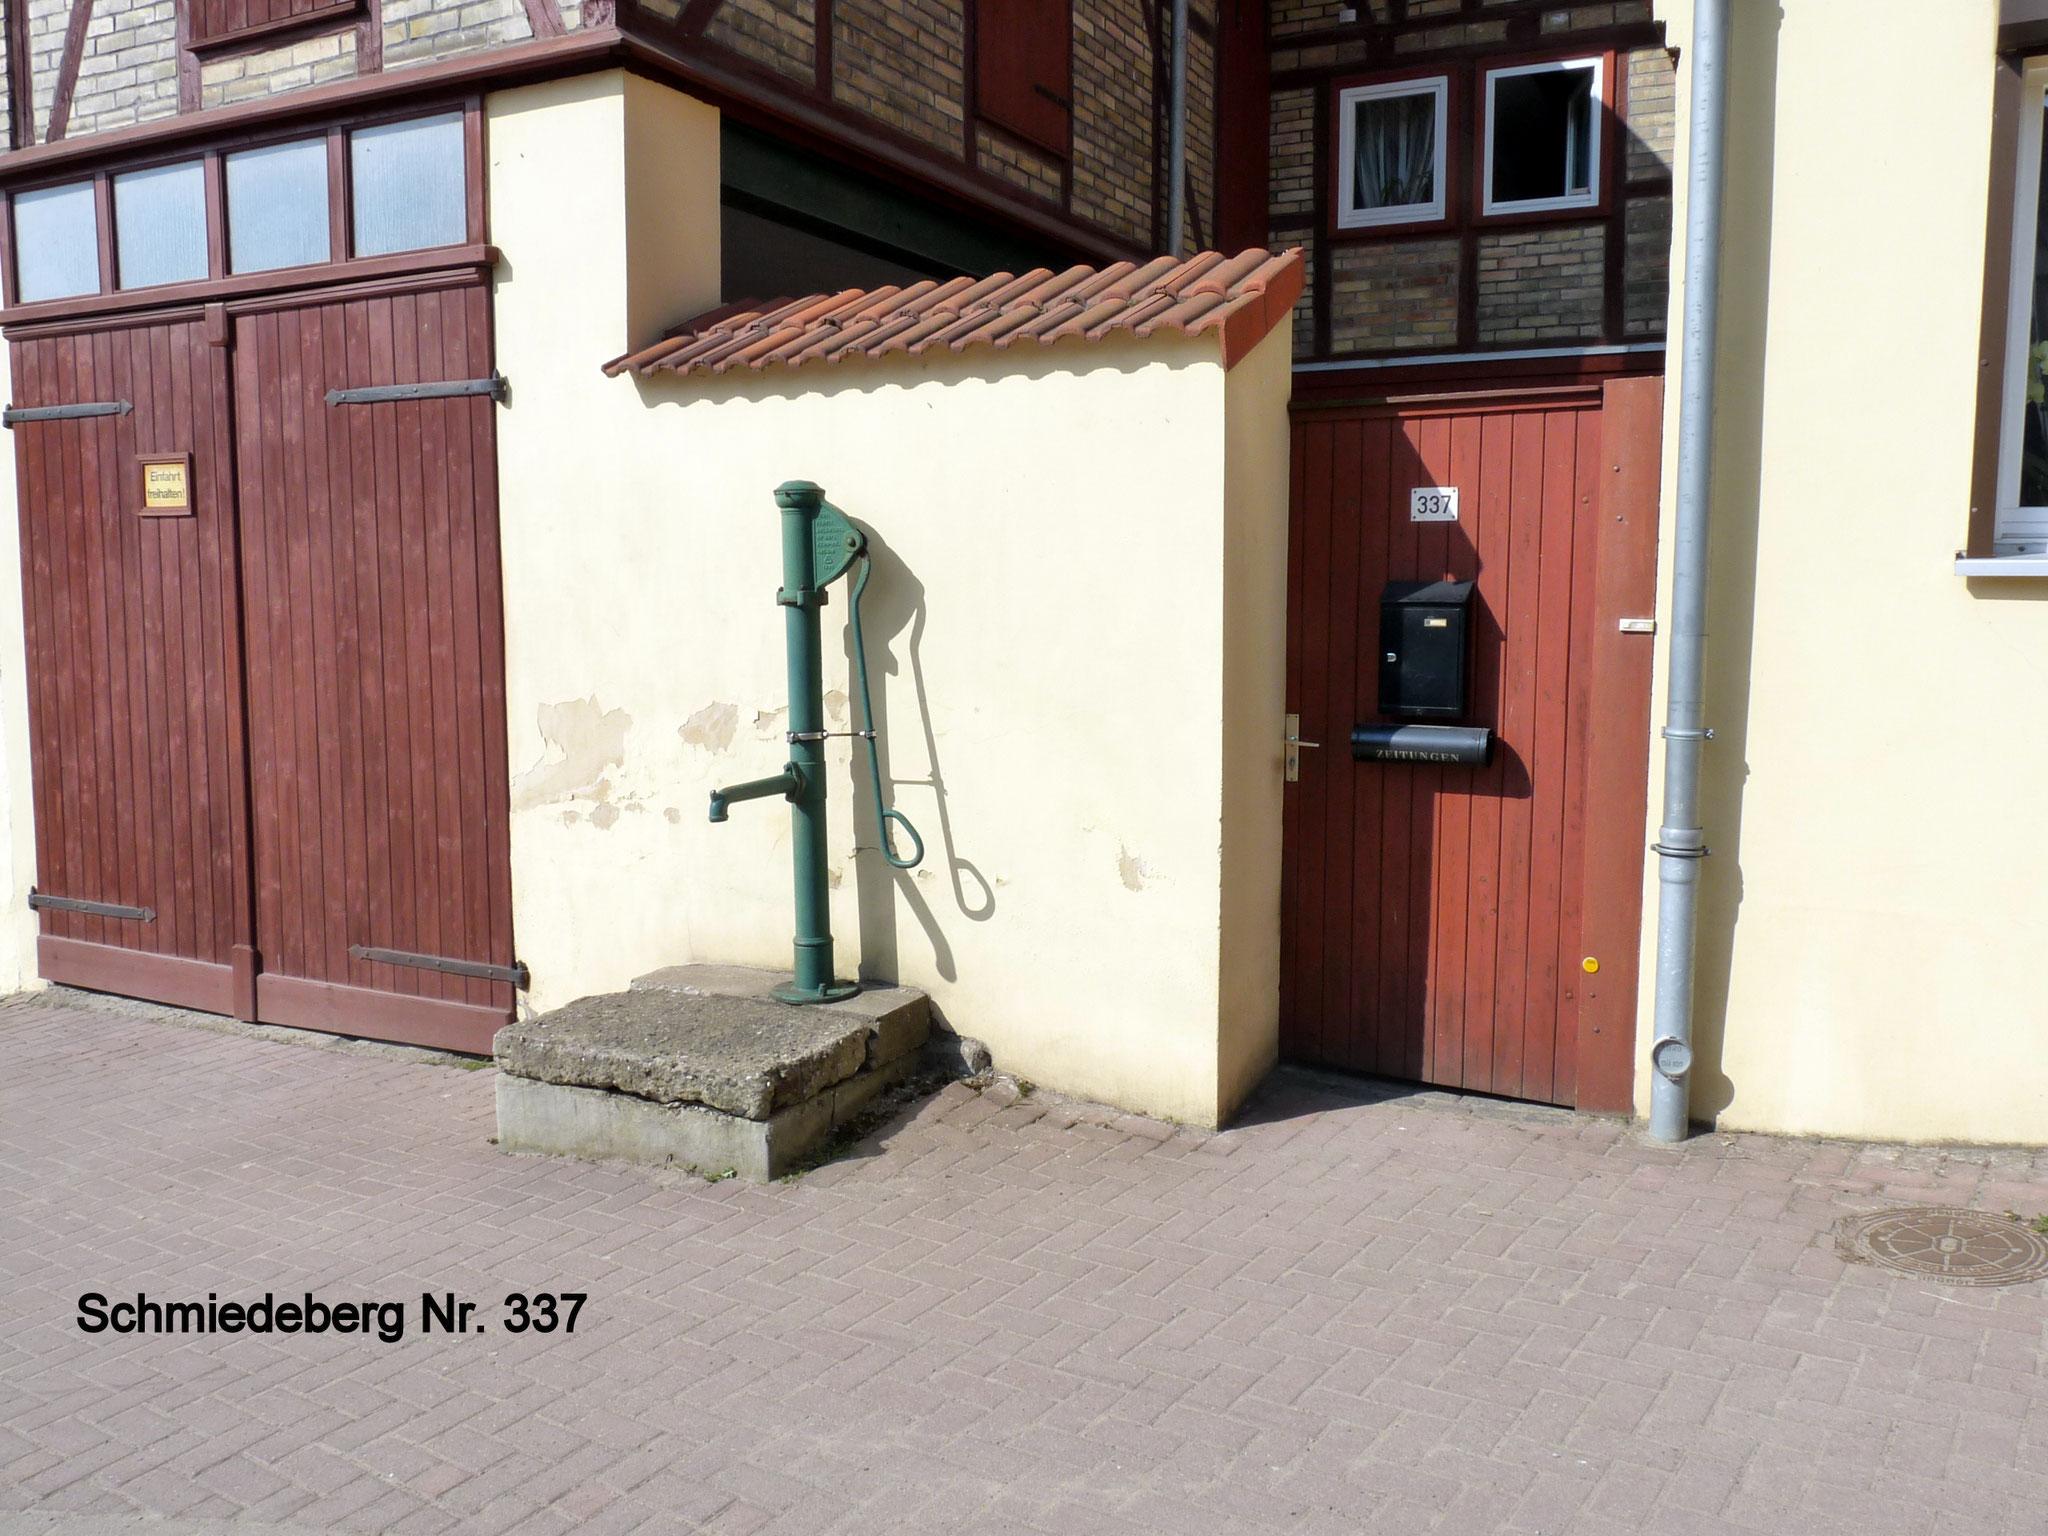 Schmiedeberg 337